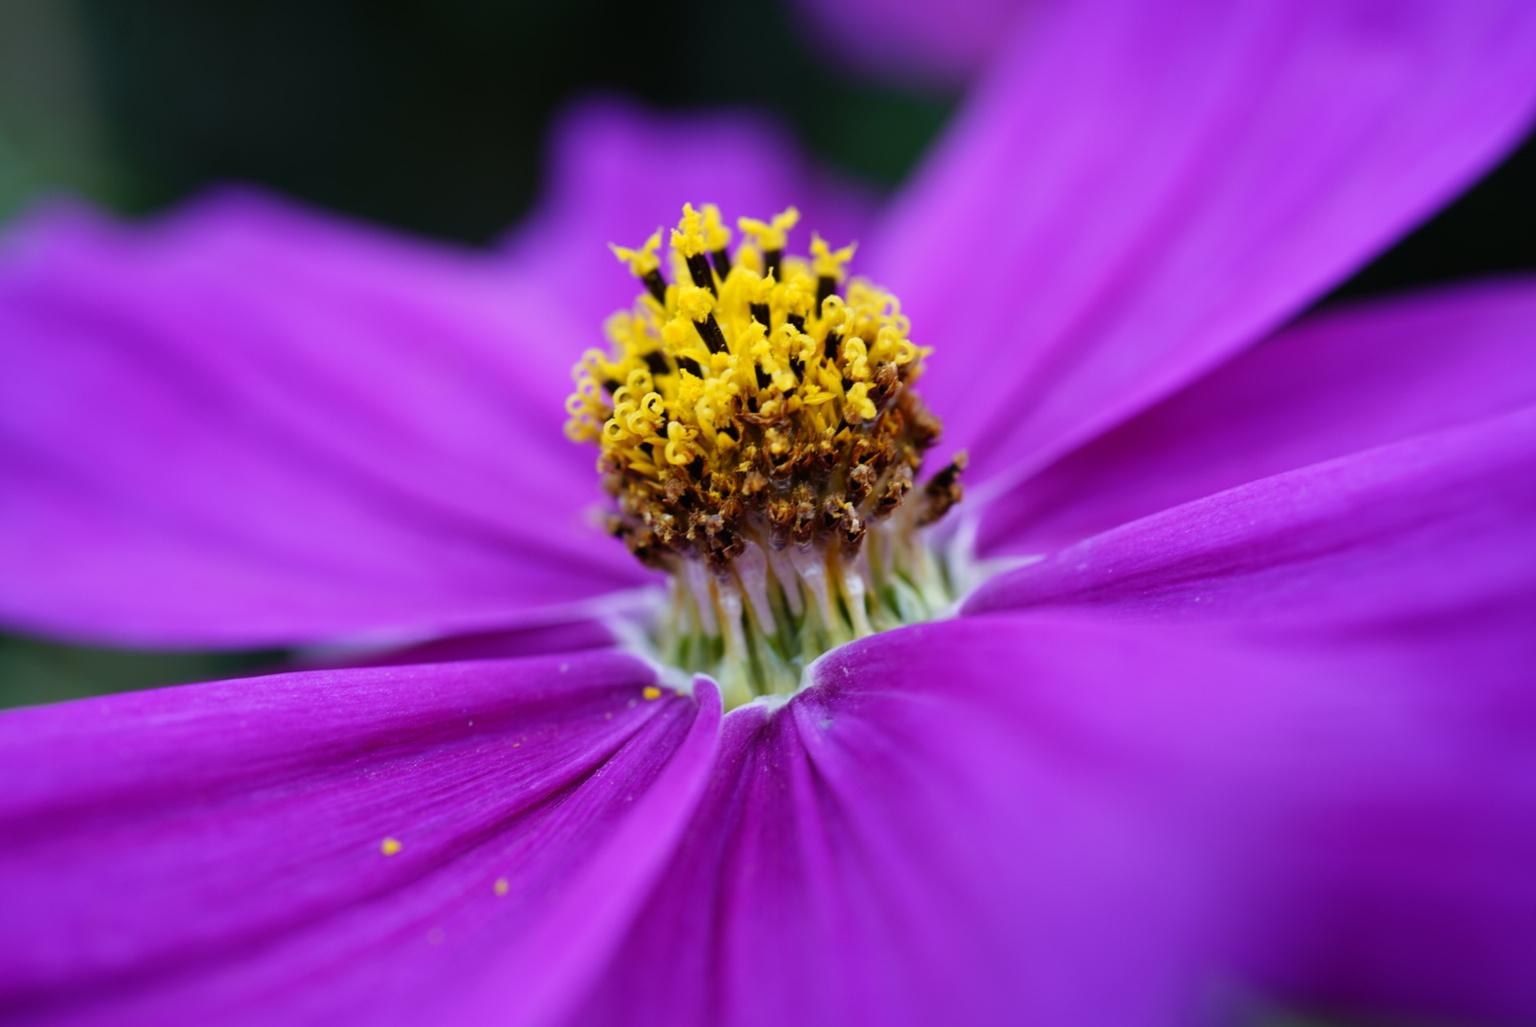 Cosmea  - Macro opname van een cosmos bloem - foto door Frenk2021 op 16-04-2021 - locatie: Veldhoven, Nederland - deze foto bevat: bloemen, cosmea, macro, bloem, fabriek, purper, lucht, bloemblaadje, paars, magenta, bloeiende plant, eenjarige plant, kosmos